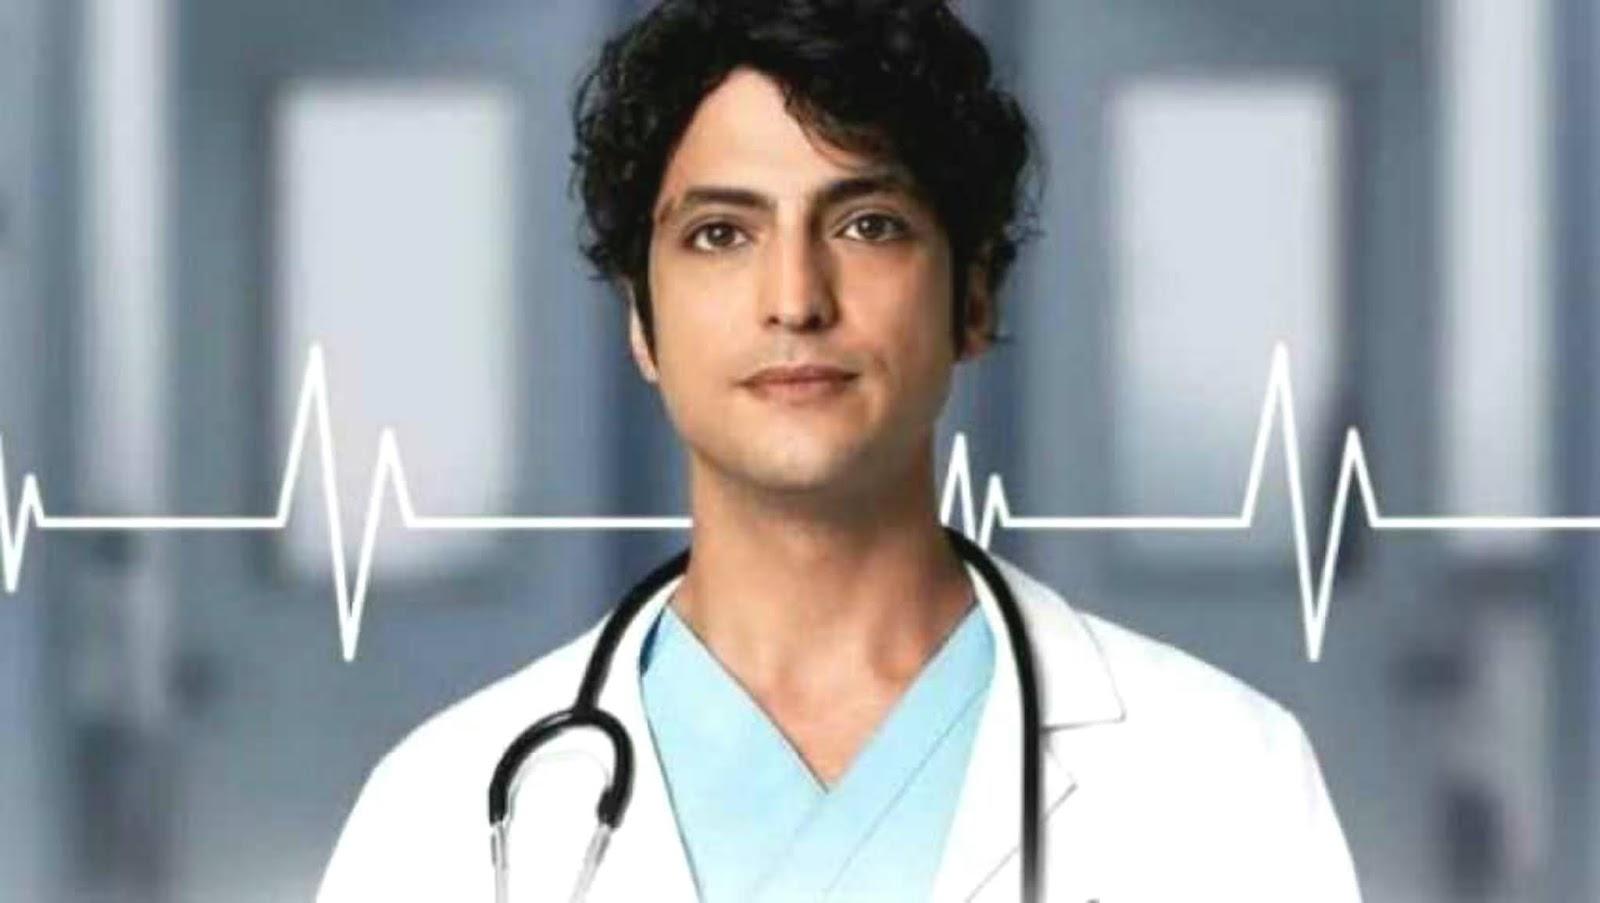 حصريا جميع حلقات مسلسل الطبيب المعجزة مترجمة بجودة عالية و شاشة كاملة عرب أون لاين 24